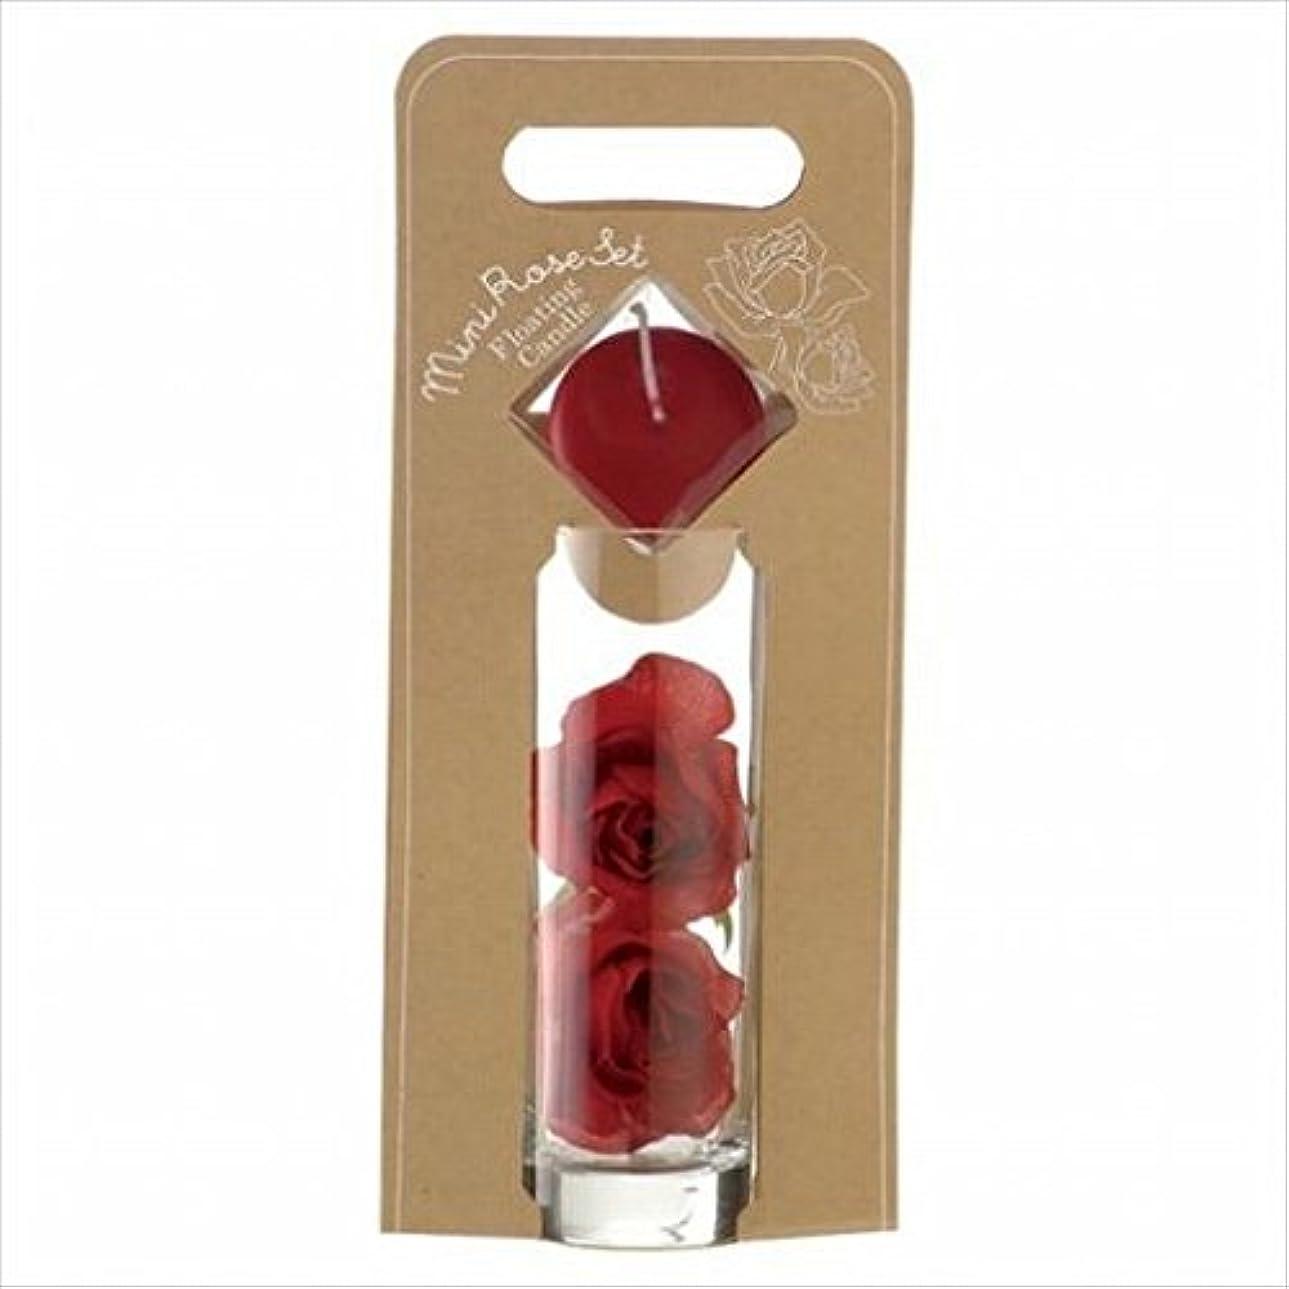 タオルビート個人的なkameyama candle(カメヤマキャンドル) ミニローズセット 「 ワインレッド 」(A7620005WR)